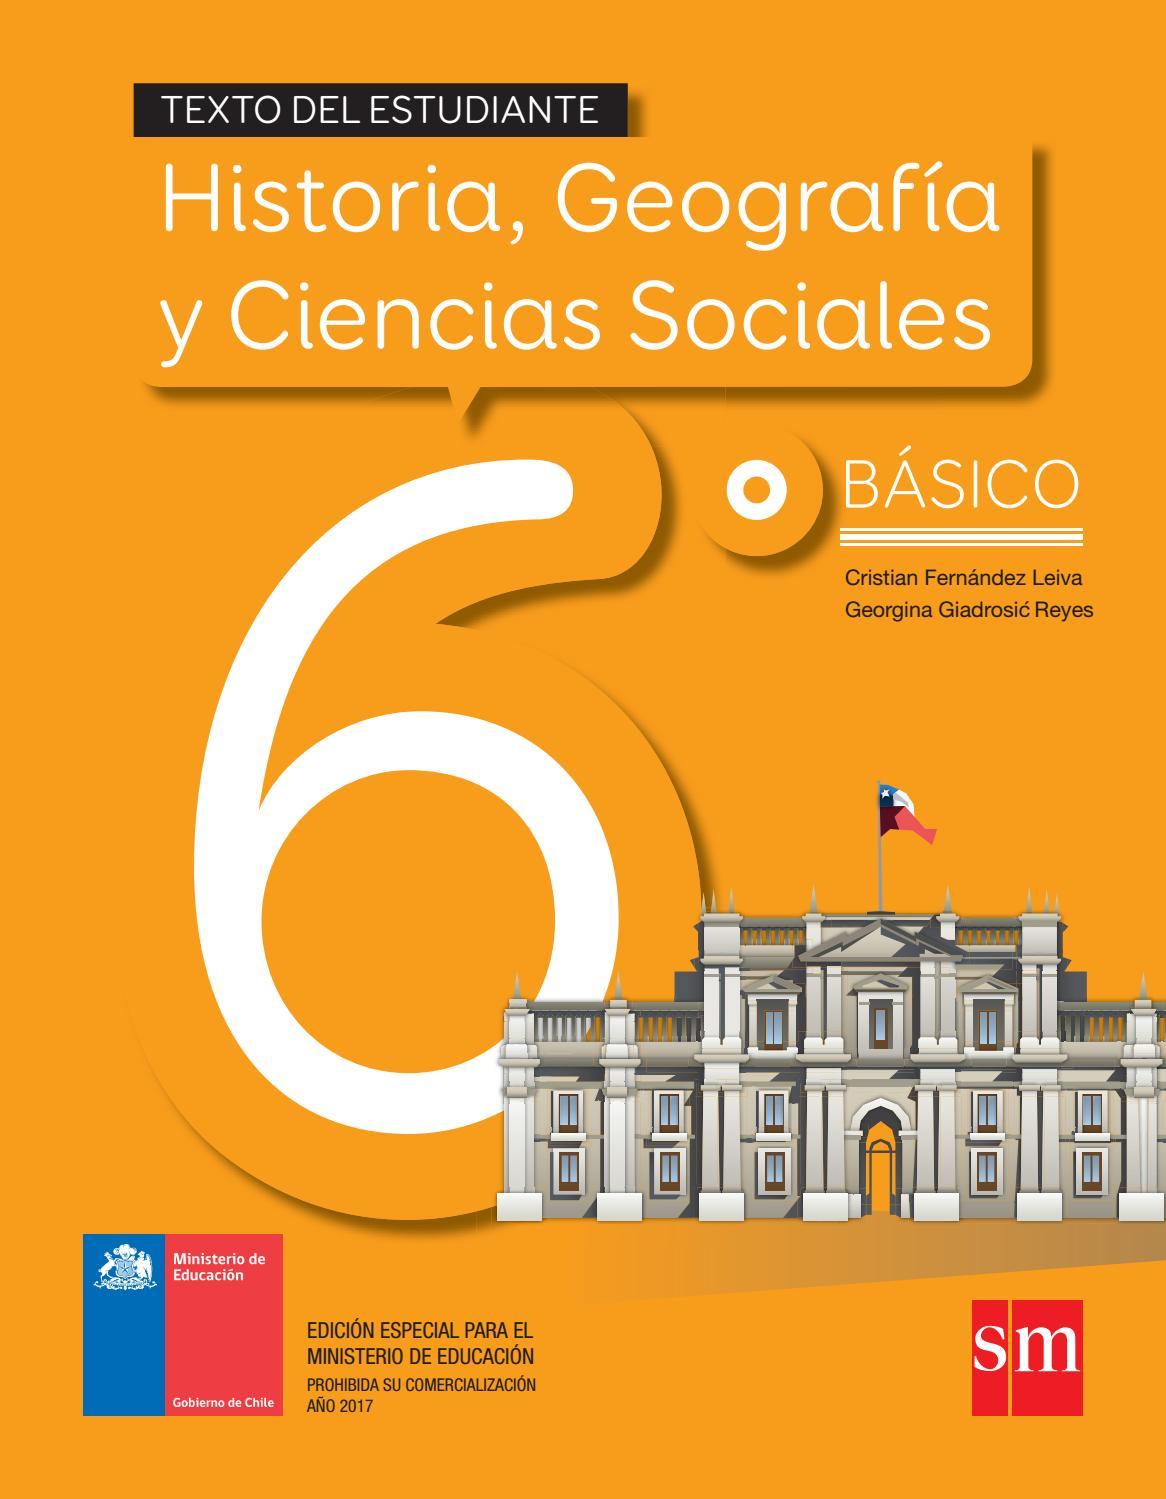 descargar libros historicos gratis